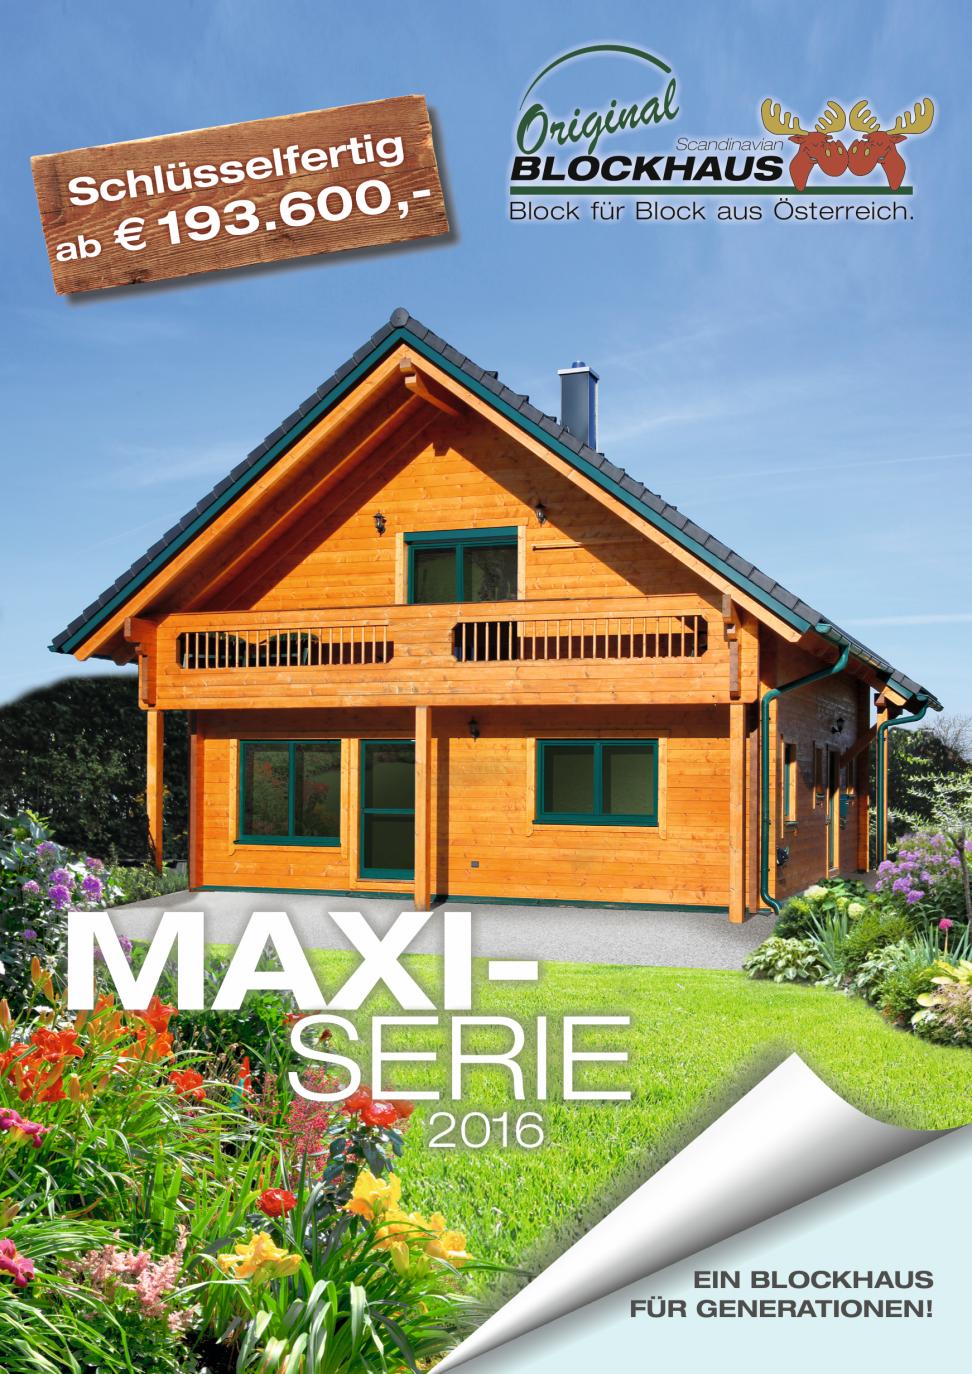 Scandinavian Blockhaus Maxifolder